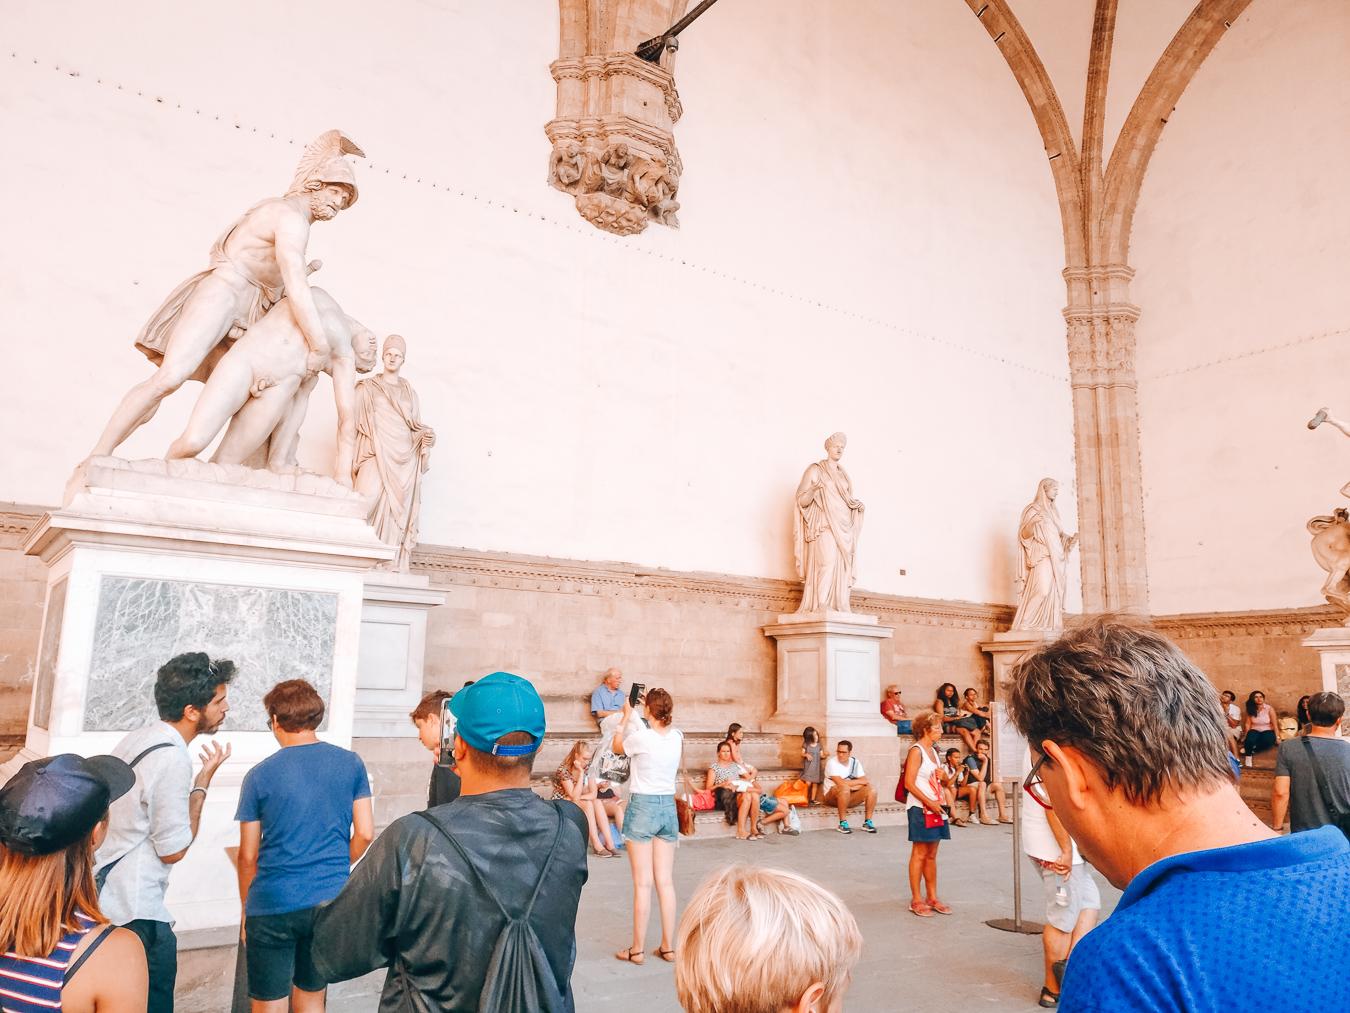 Statues on Piazza della Signoria